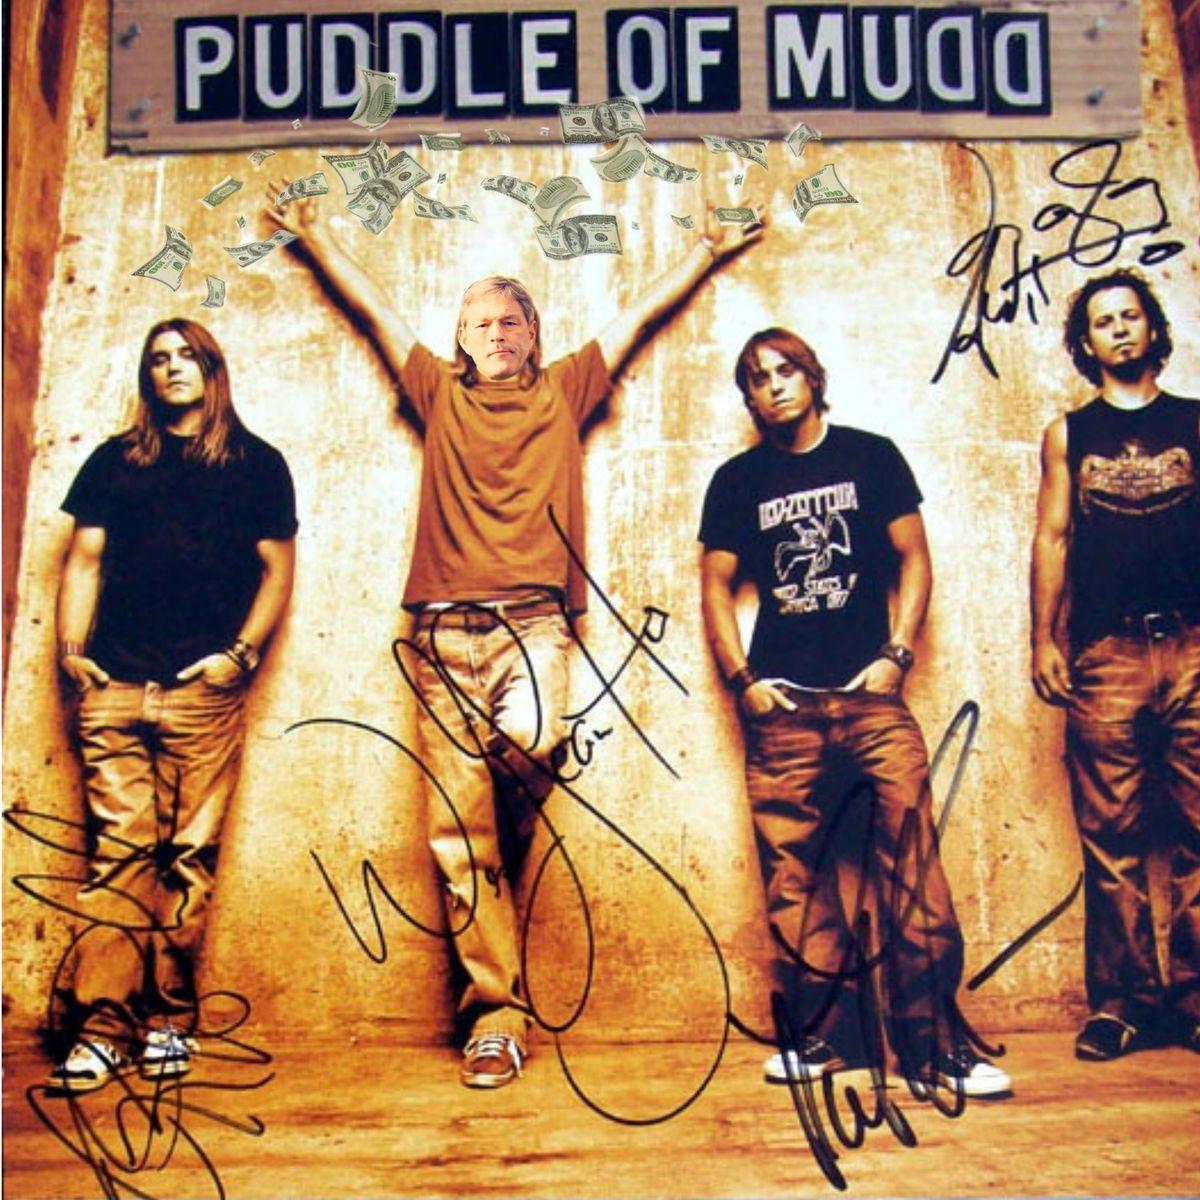 Iowa Puddle of Mudd